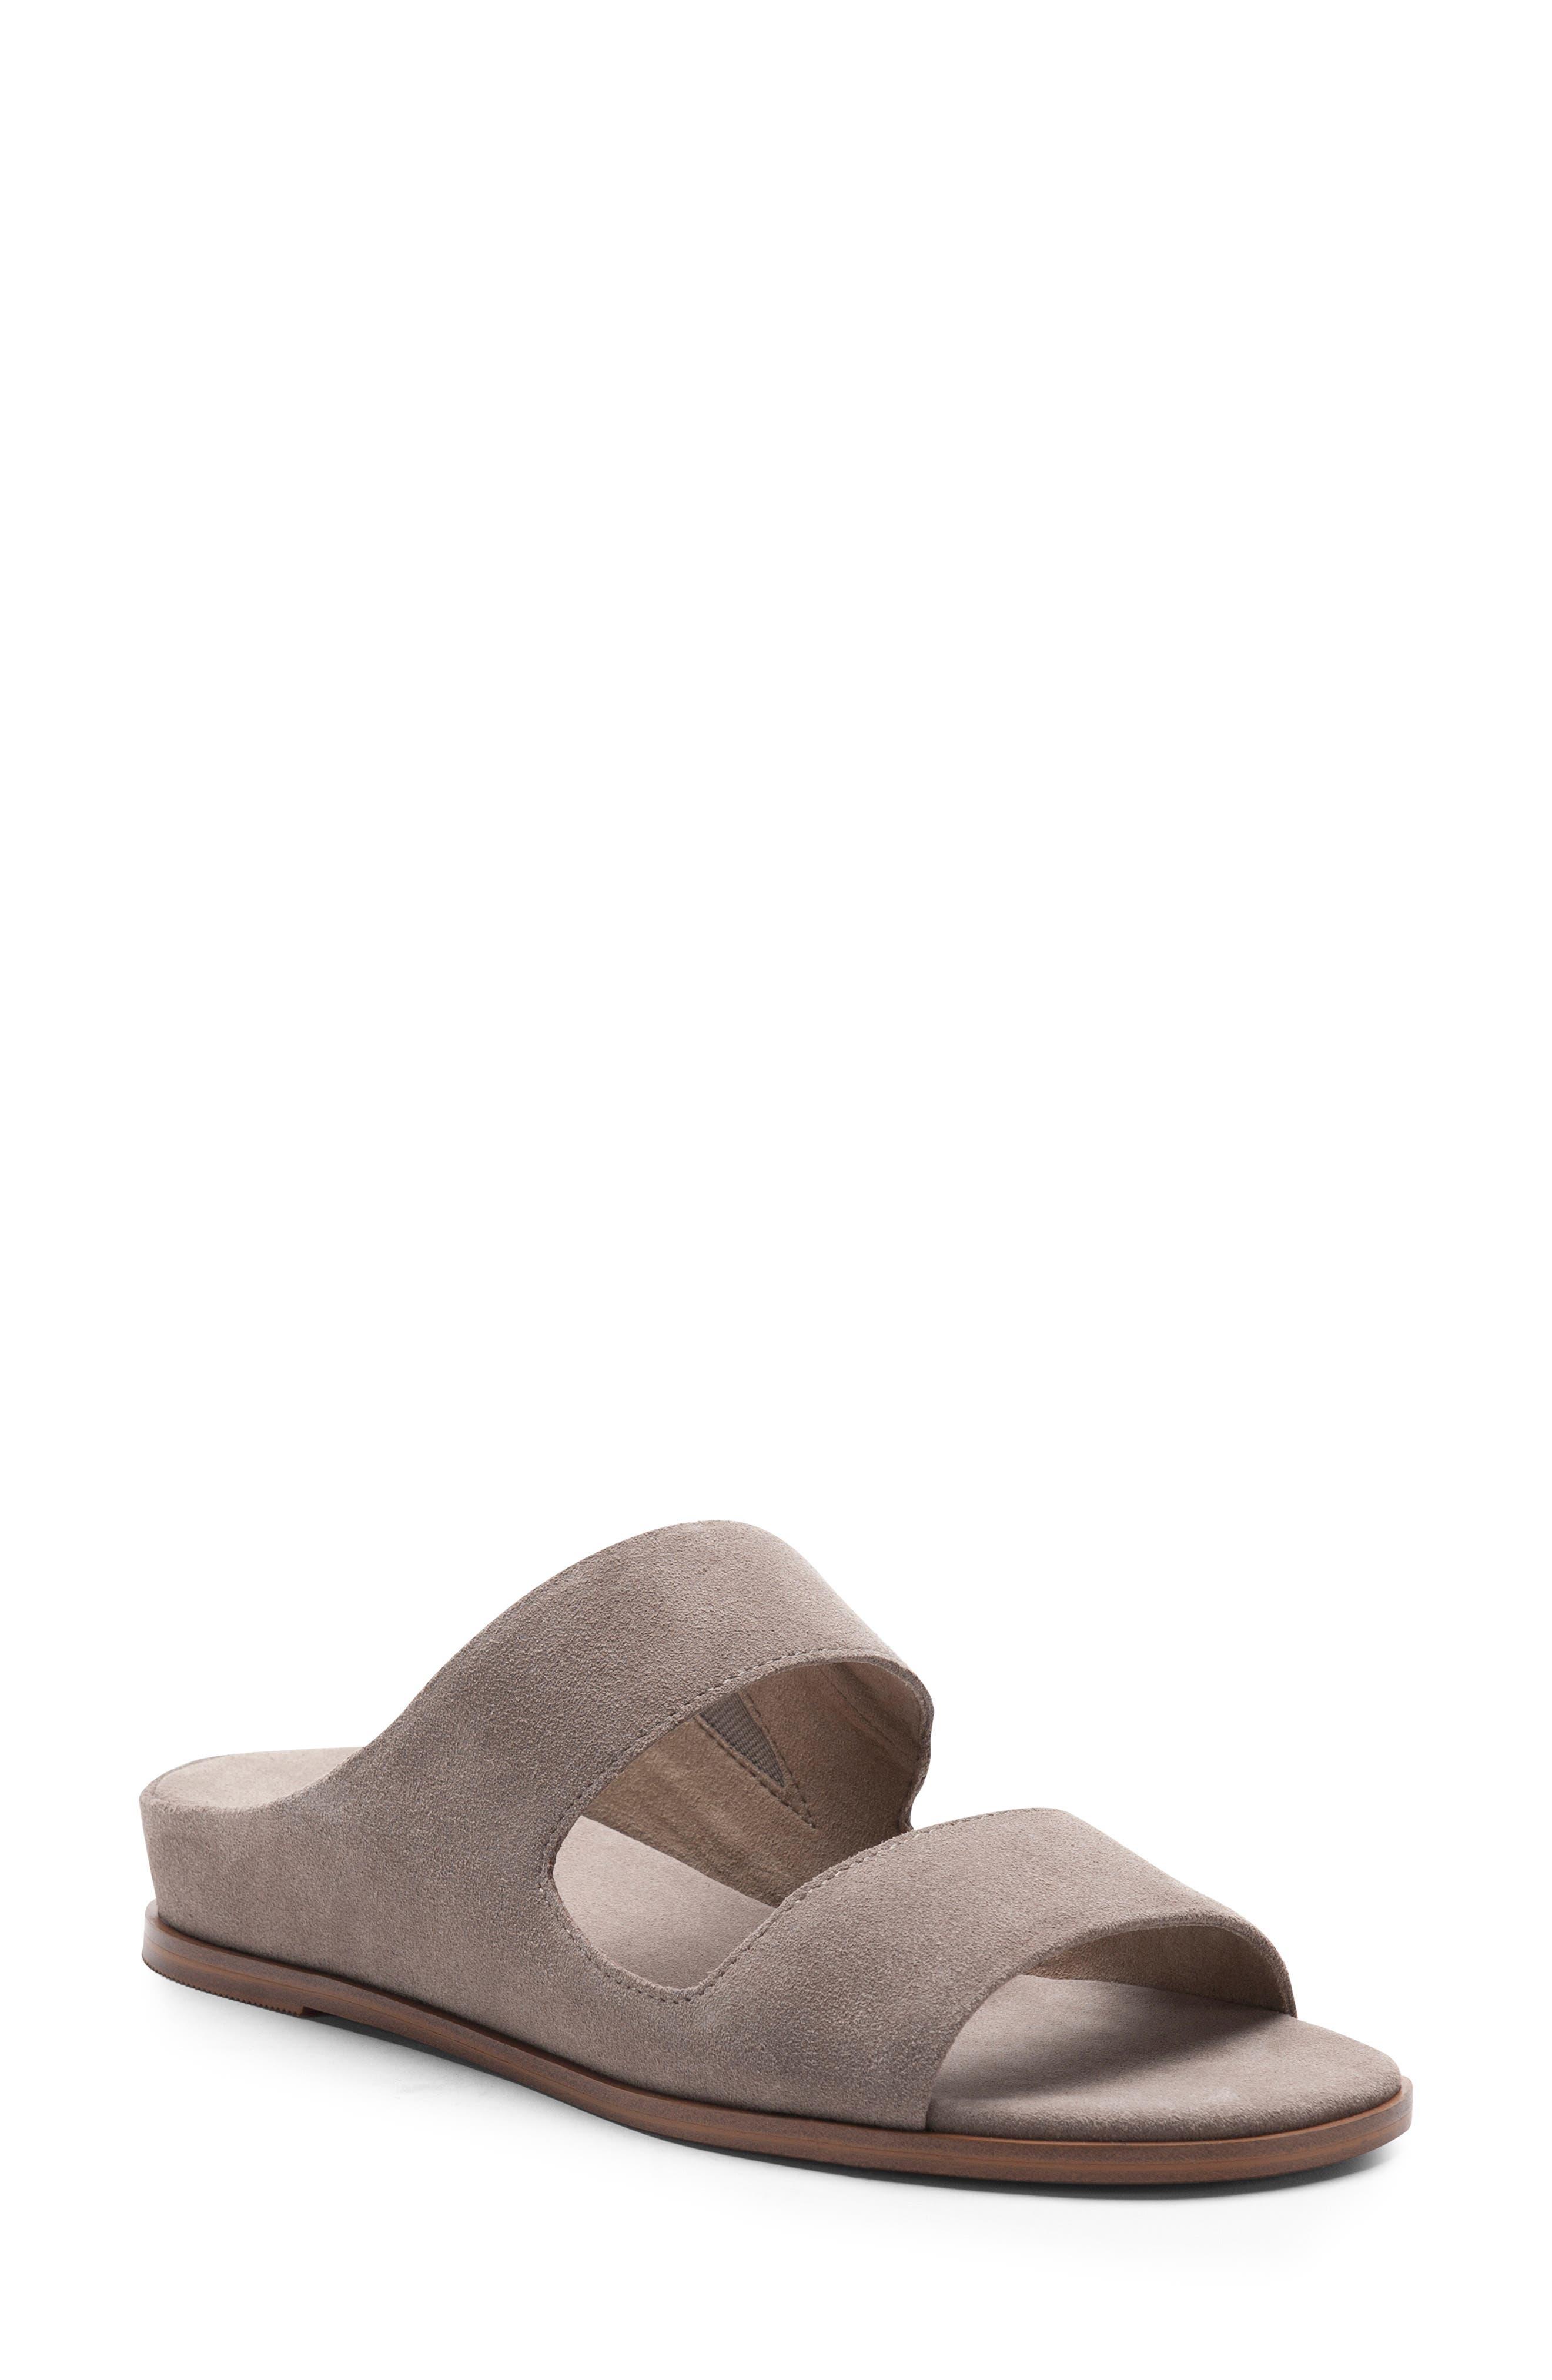 Blondo Sage Waterproof Slide Sandal